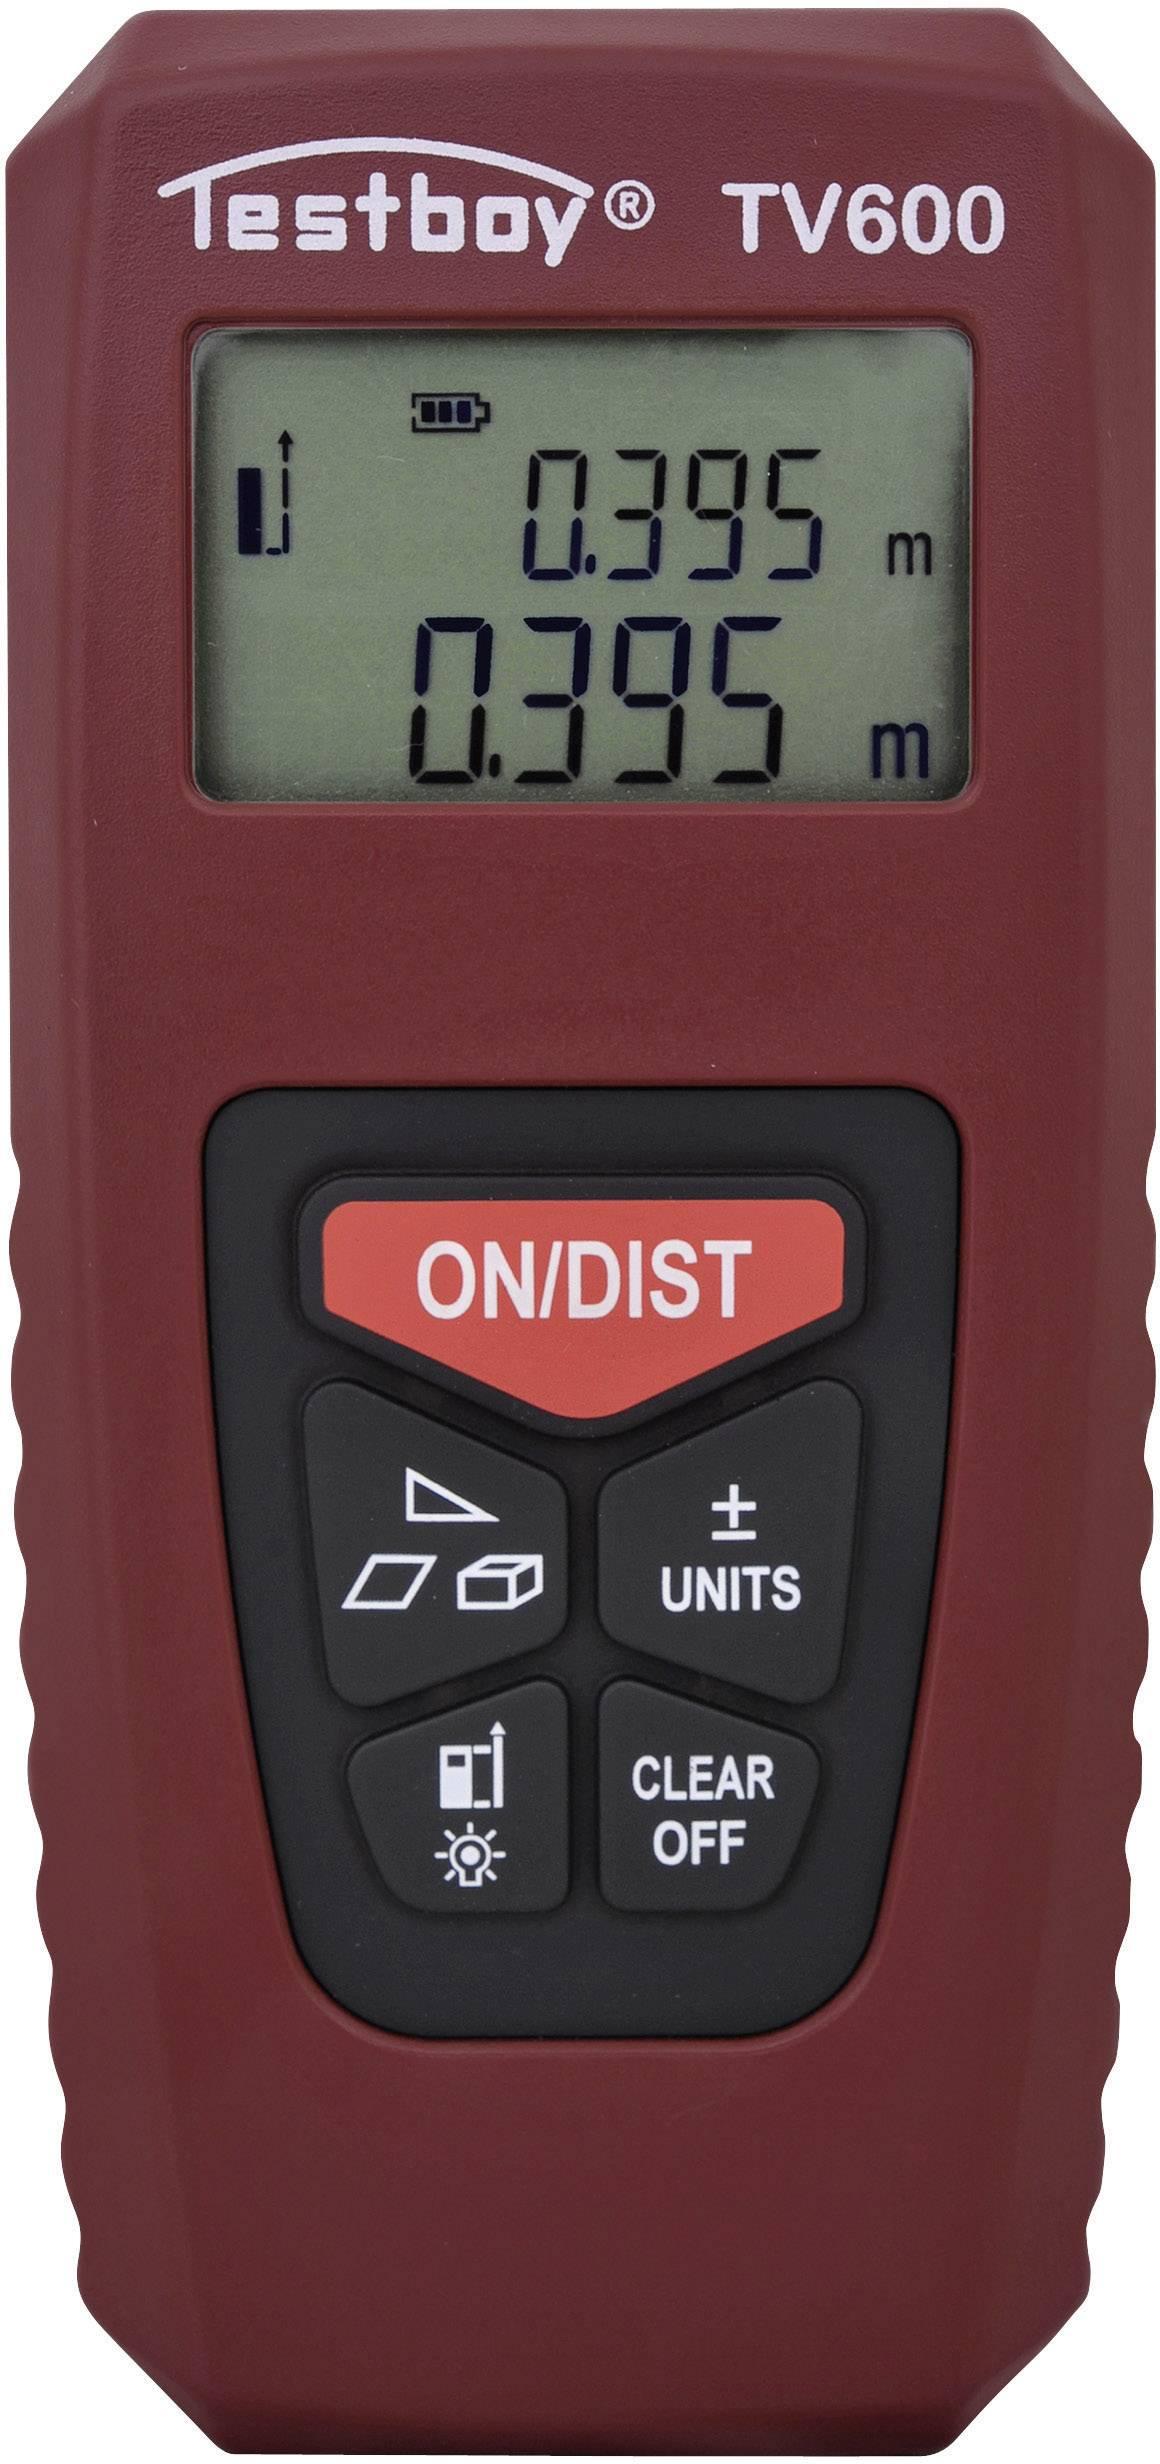 Infračervený měřič vzdálenosti Testboy TV 600 Testboy TV 600, rozsah měření (max.) 40 m